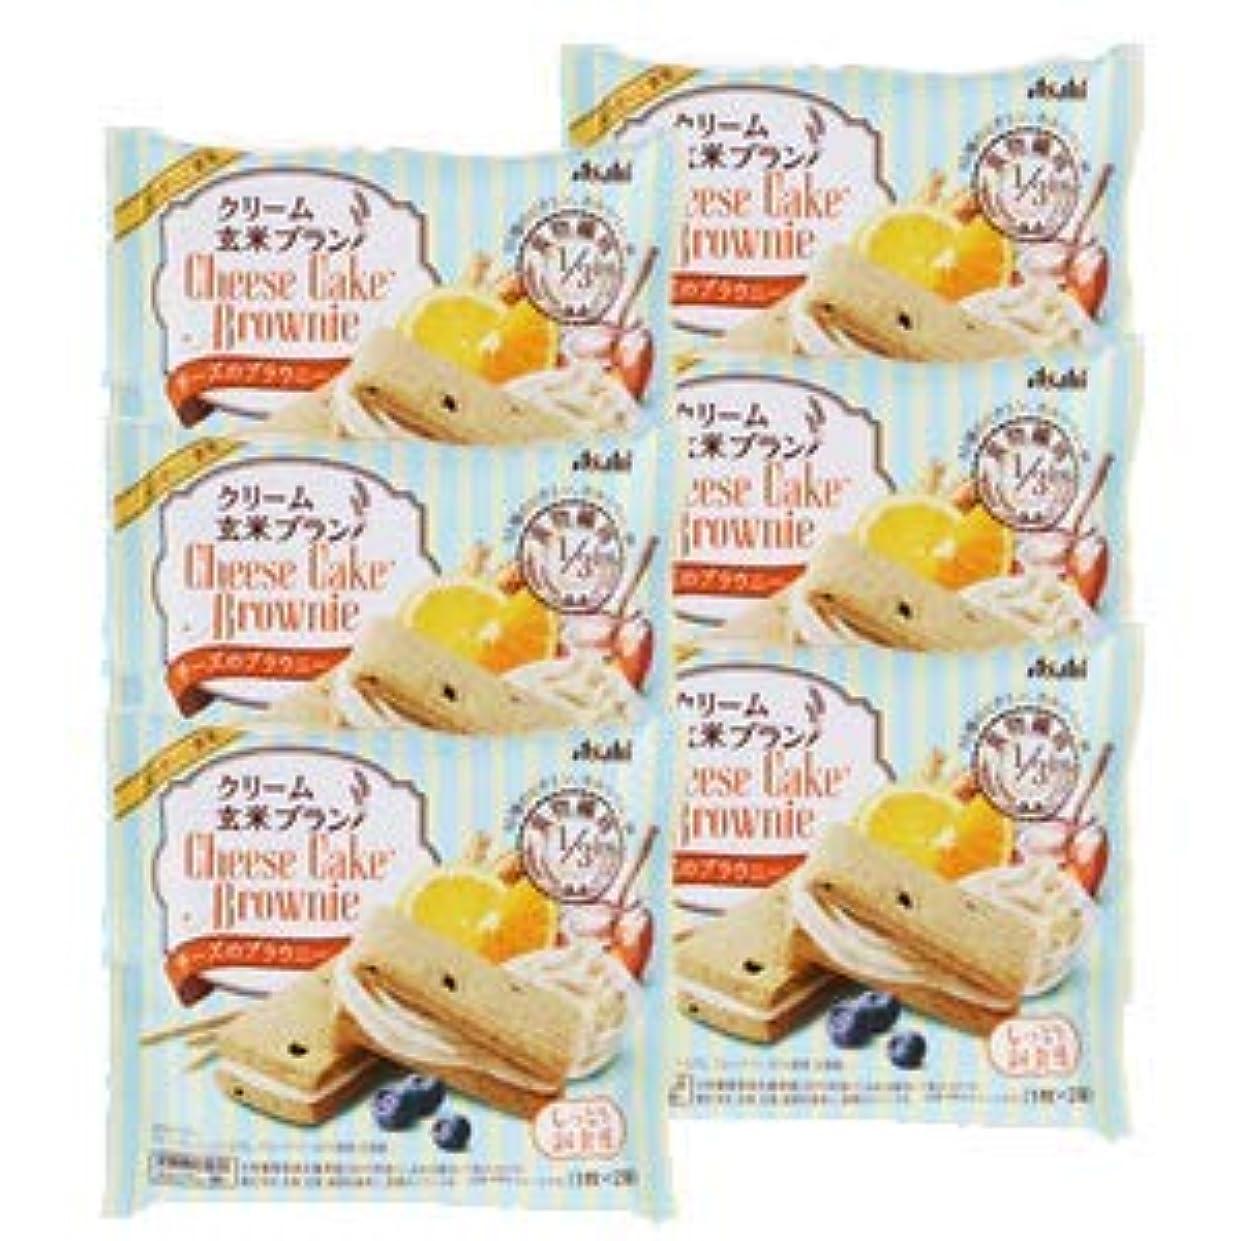 ラグ比類なきレビュアーアサヒ バランスアップ クリーム玄米ブラン チーズのブラウニー 6個セット